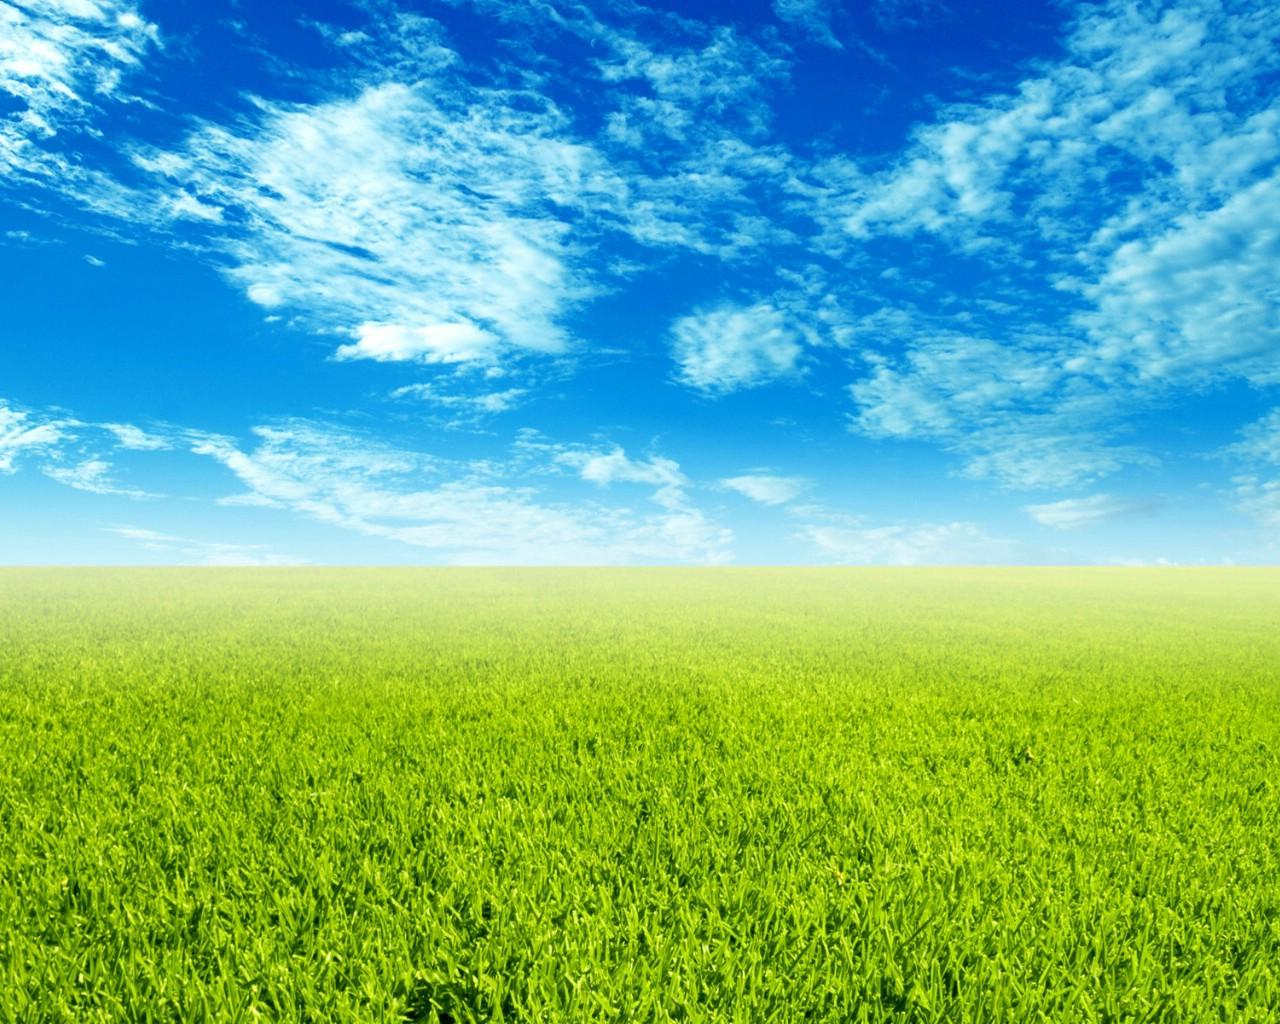 壁纸首页 风景壁纸 蓝天白云草地桌面背景图片